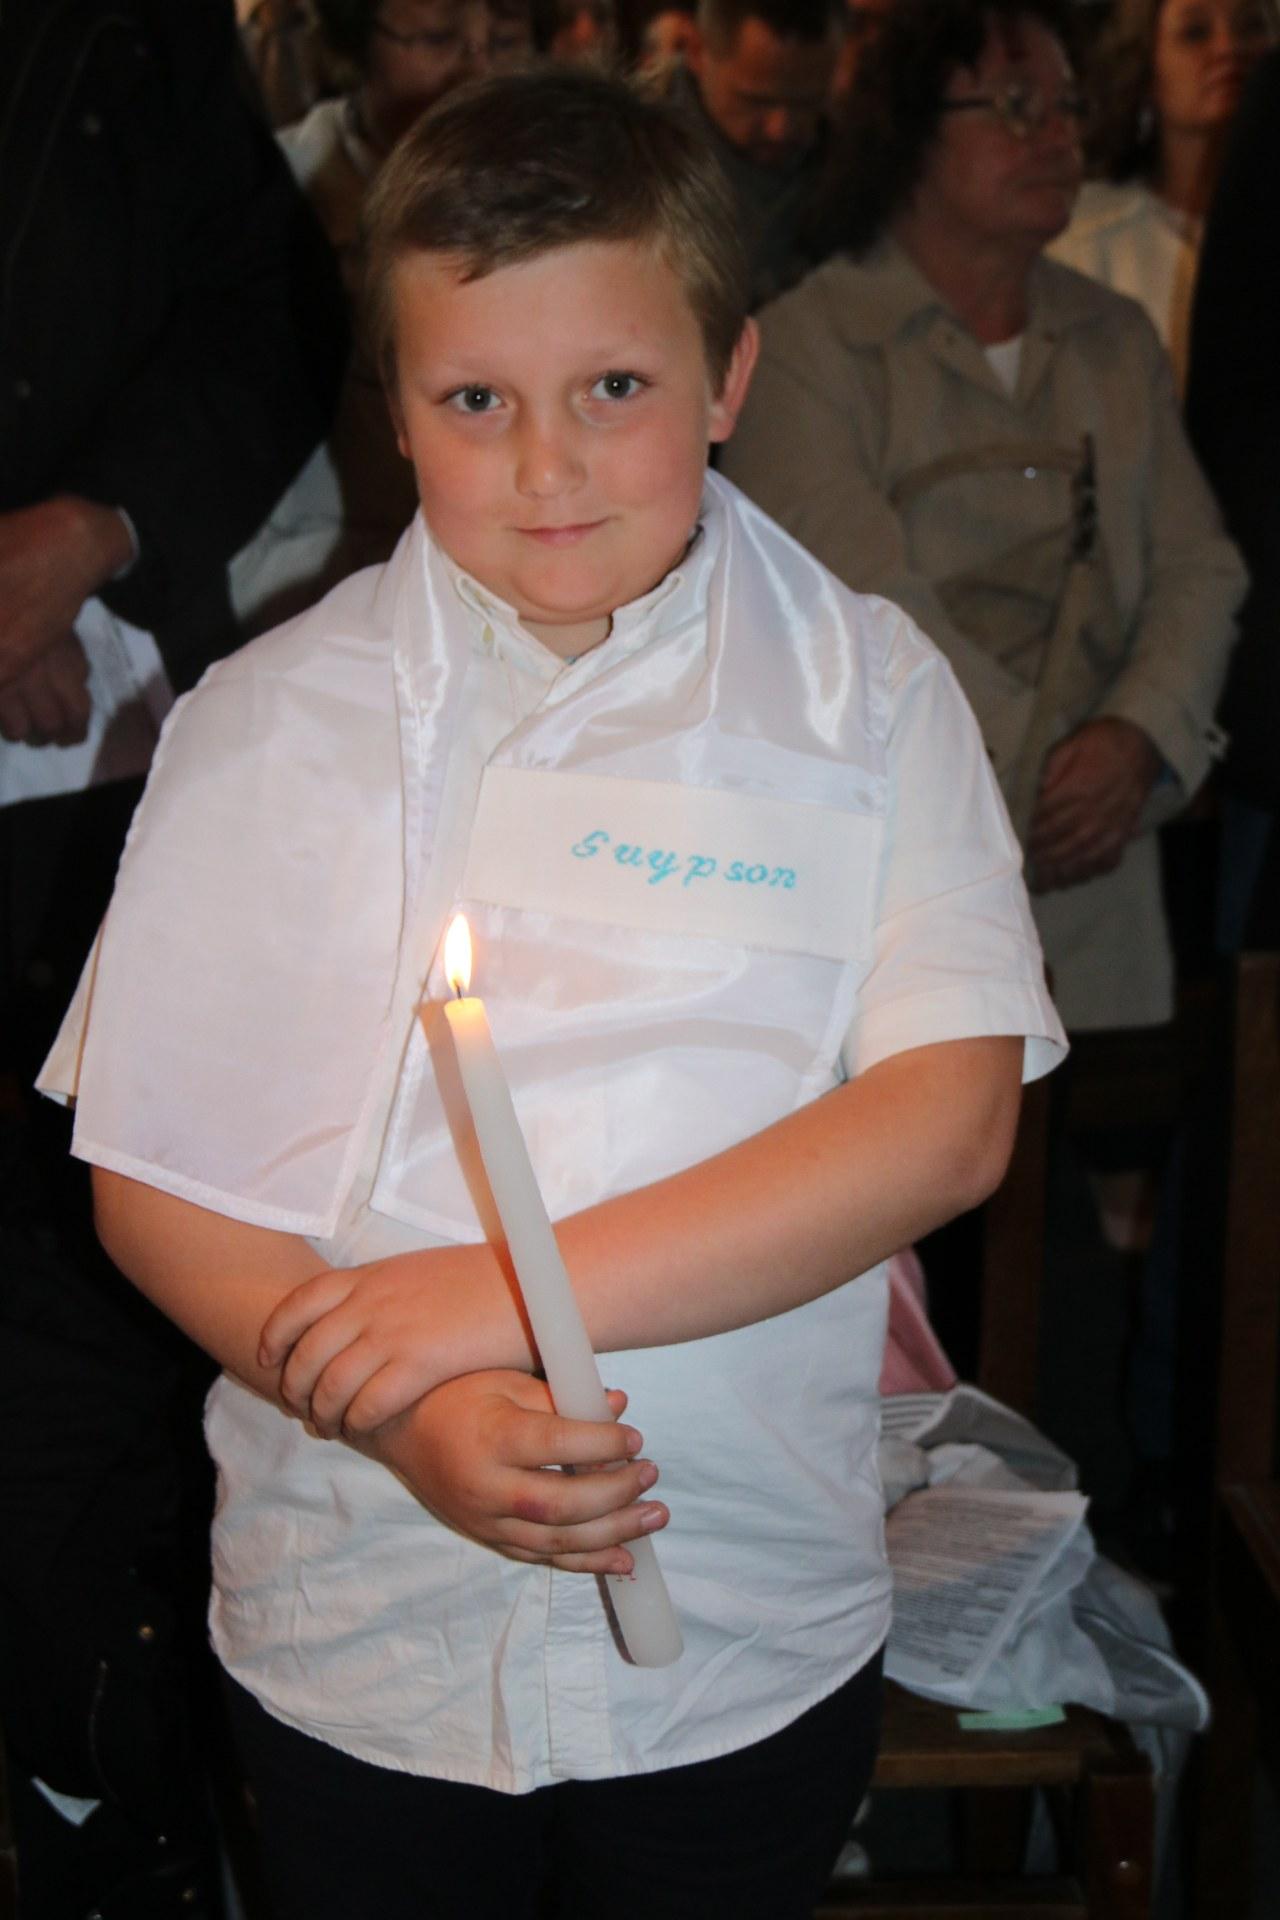 1905_Célébration de baptêmes (7 -12 ans) 125